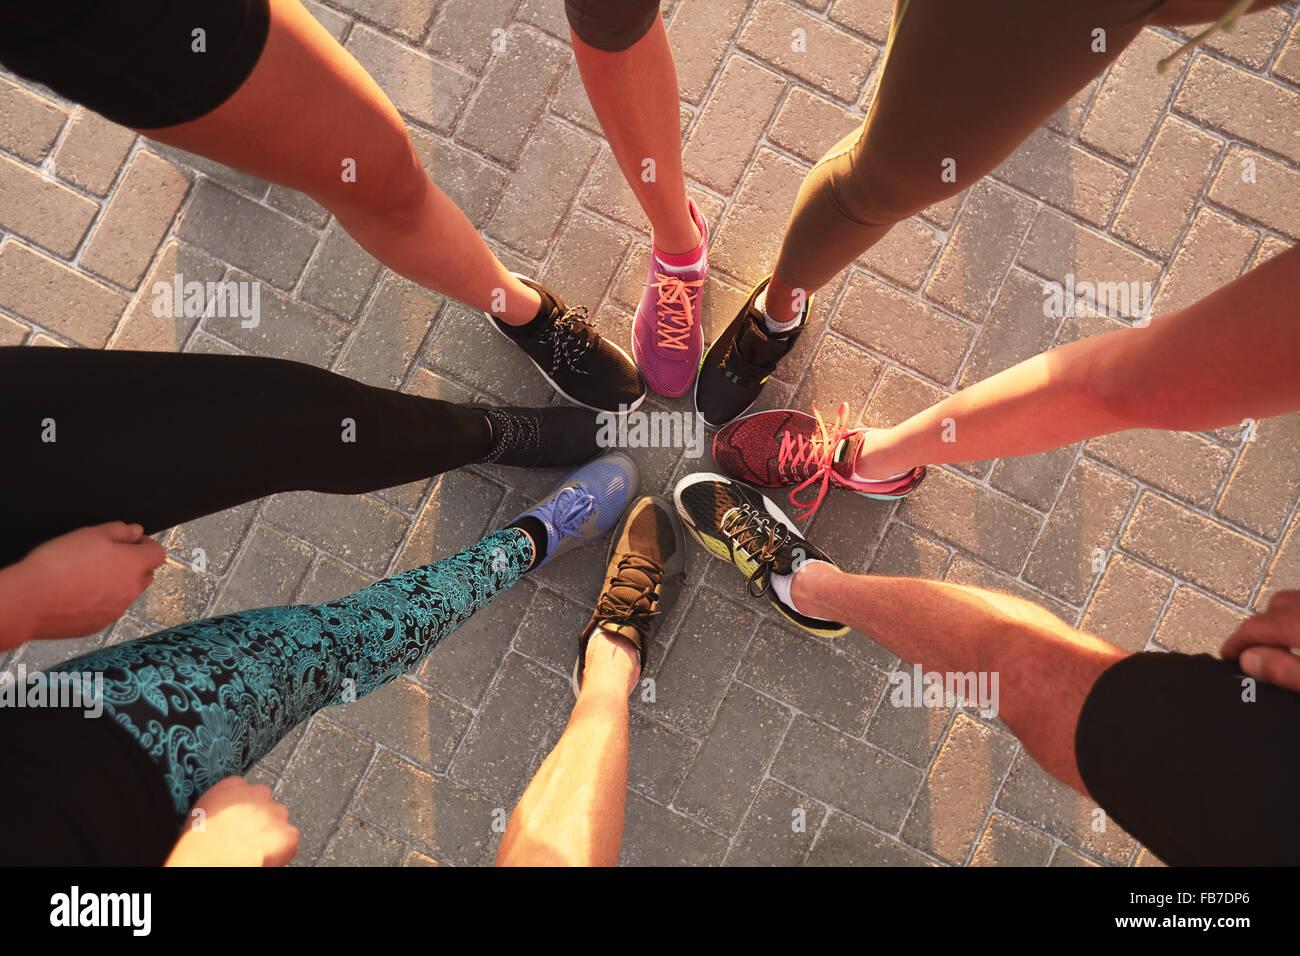 Les jambes d'athlètes portant des chaussures de sport dans un cercle. Vue de dessus de coureurs se tenant Photo Stock